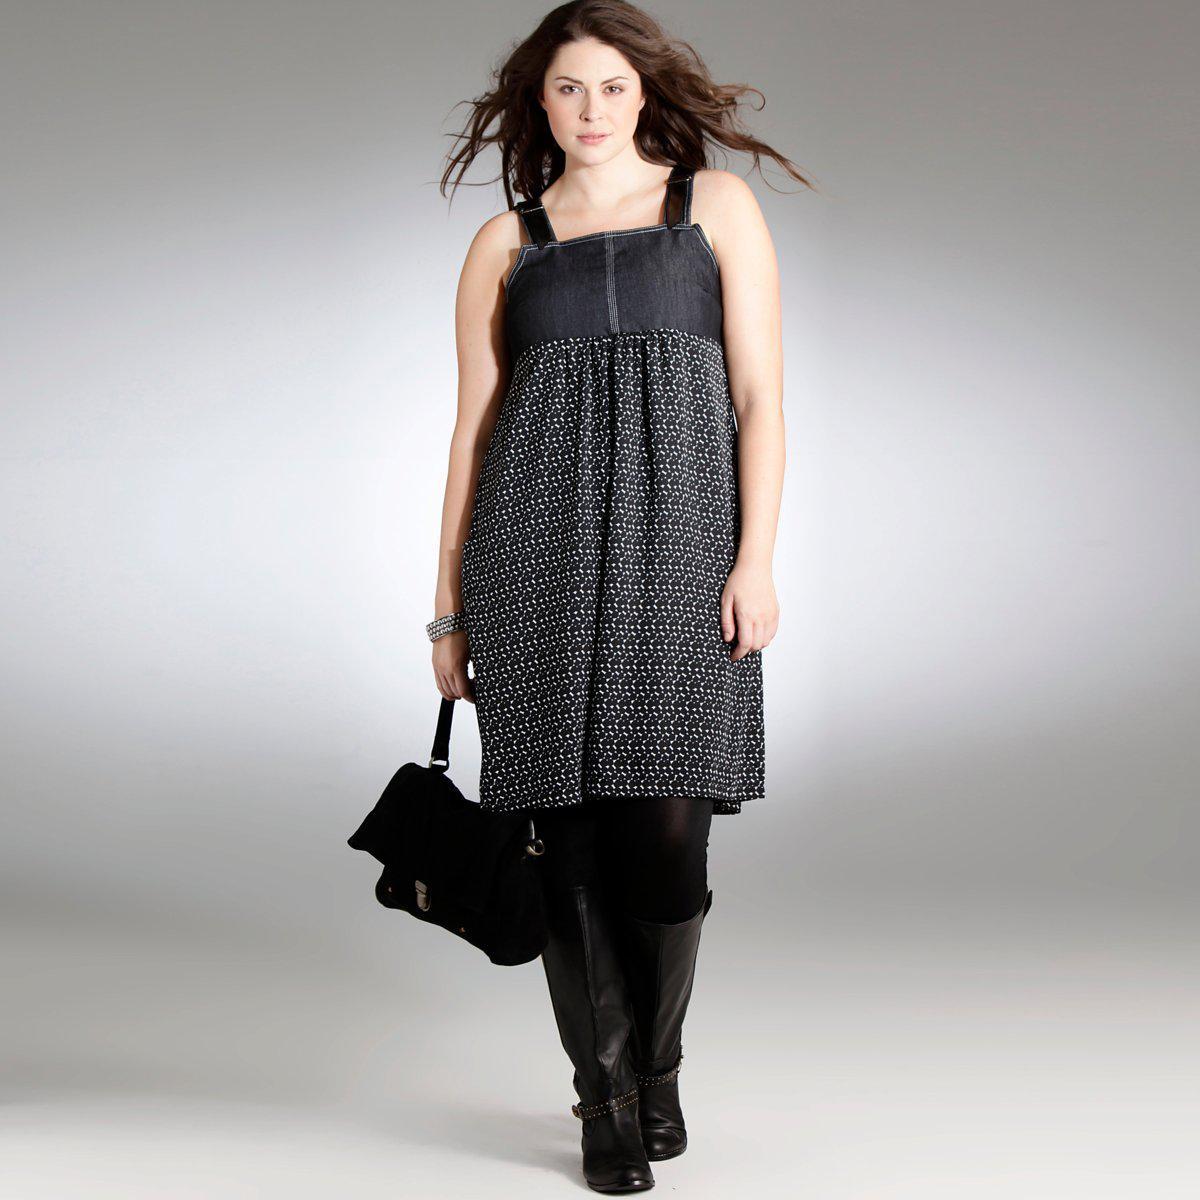 20ac743d924e Βραδυνα Φορεματα Plus Size Φθινόπωρο 2011 κωδ. 324223996